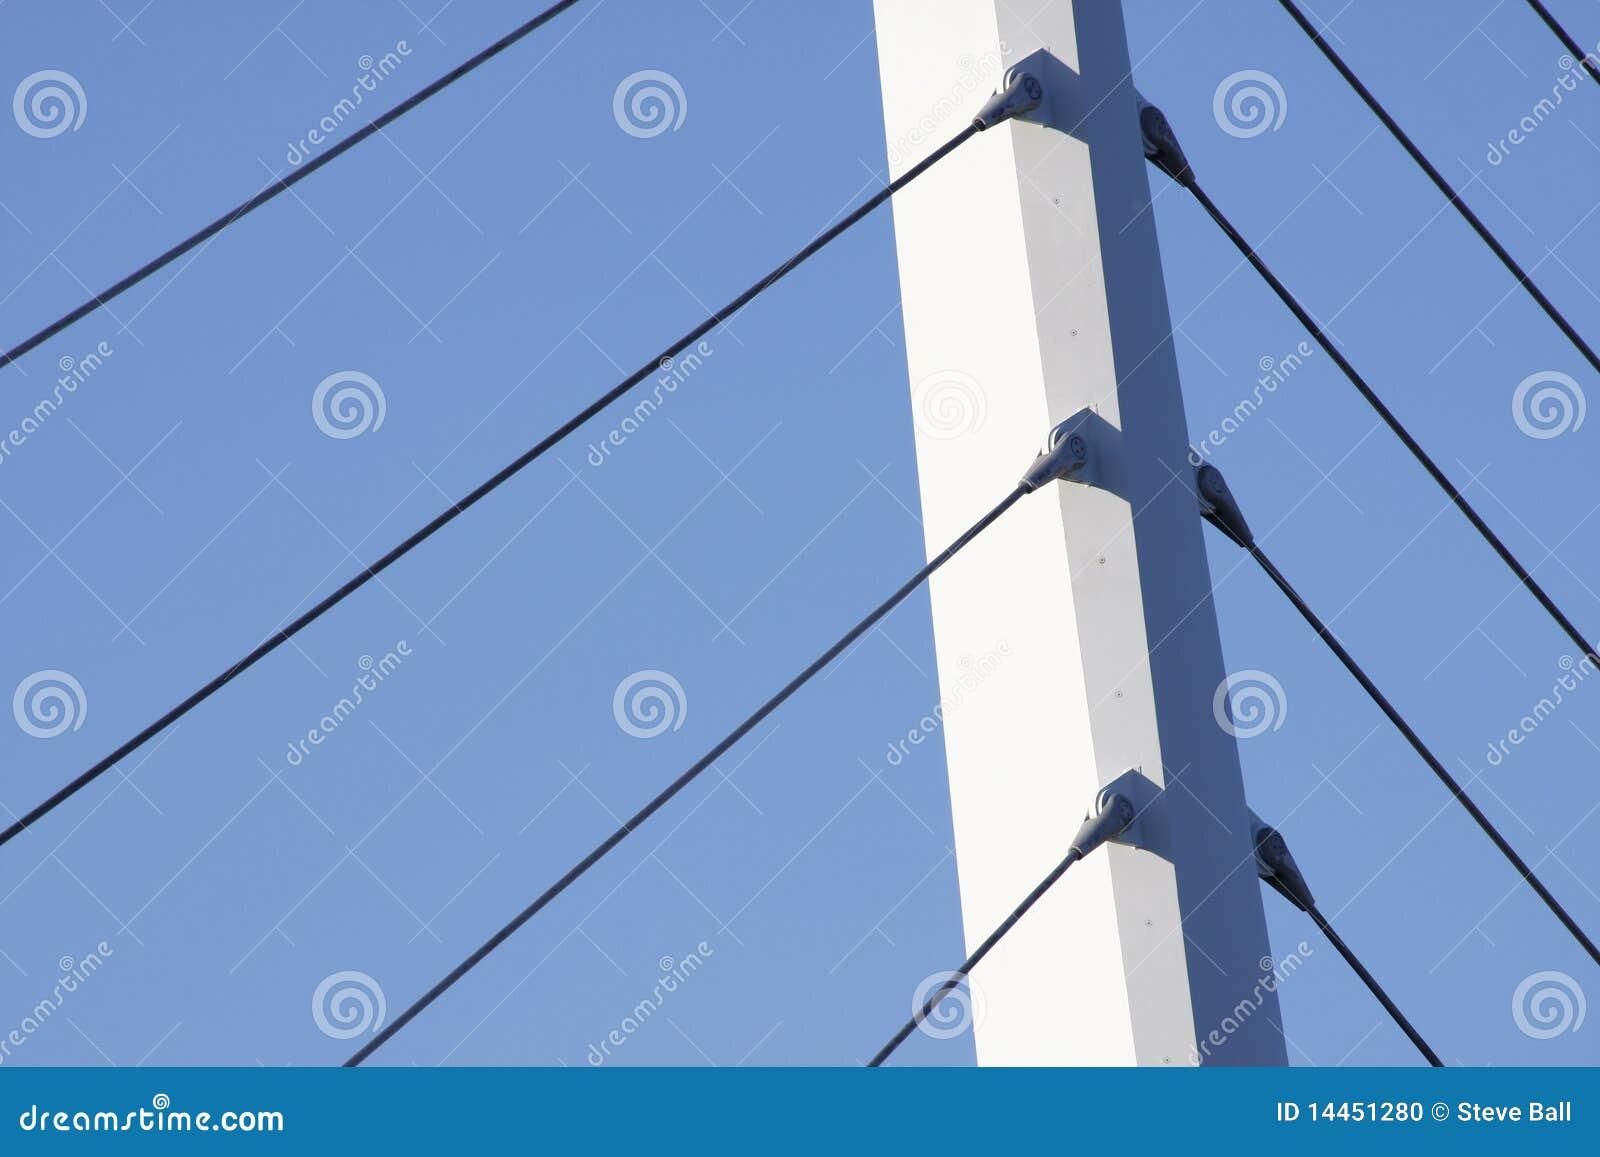 Sustentação da ponte de encontro a um céu azul